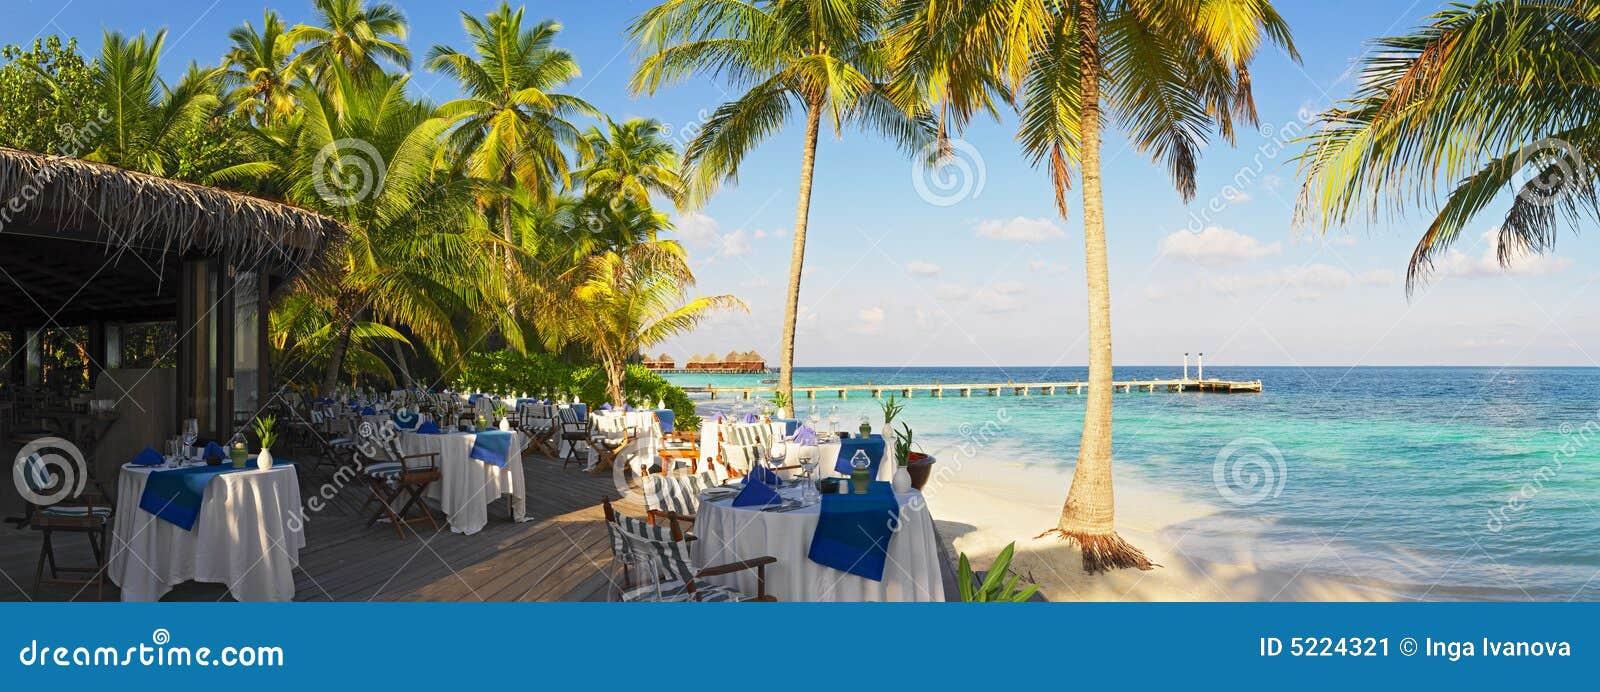 Powietrze otwarte panoramiczny widok restauracji